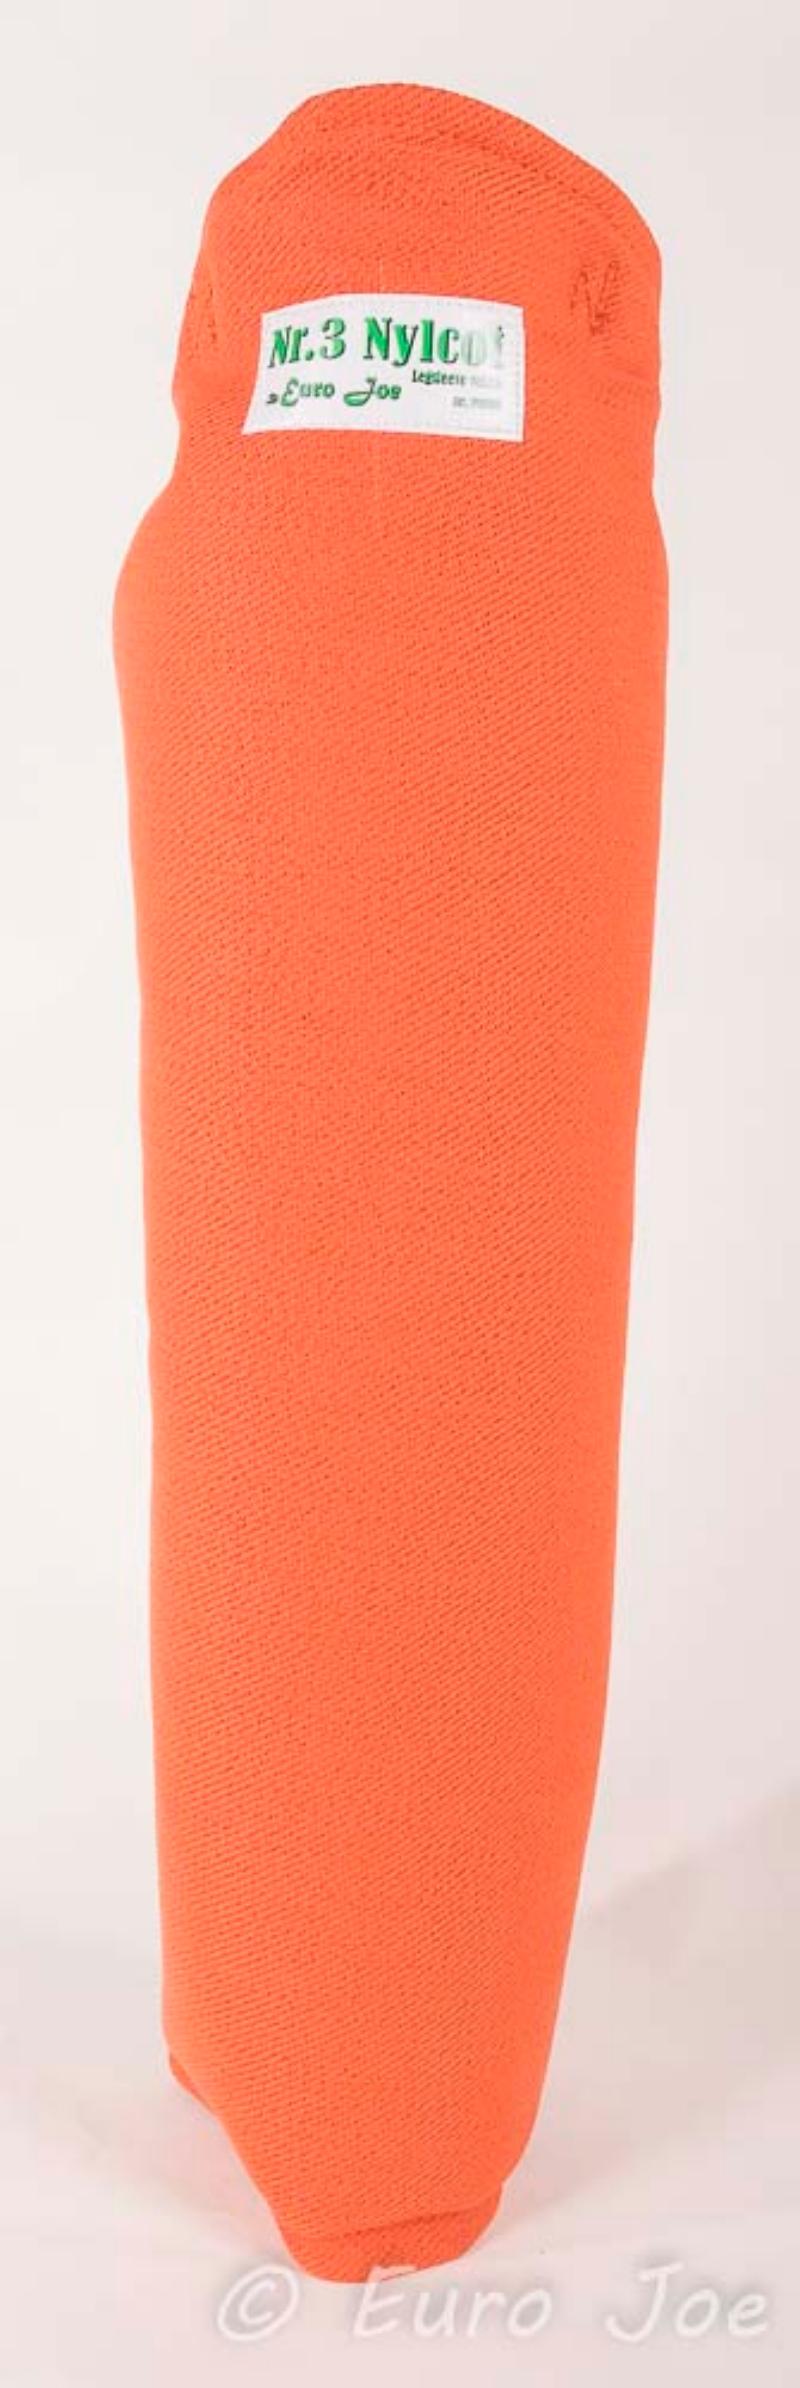 Euro-Joe-Bite-Sleeve-Leg-High-Velcro-Nylcot-No3